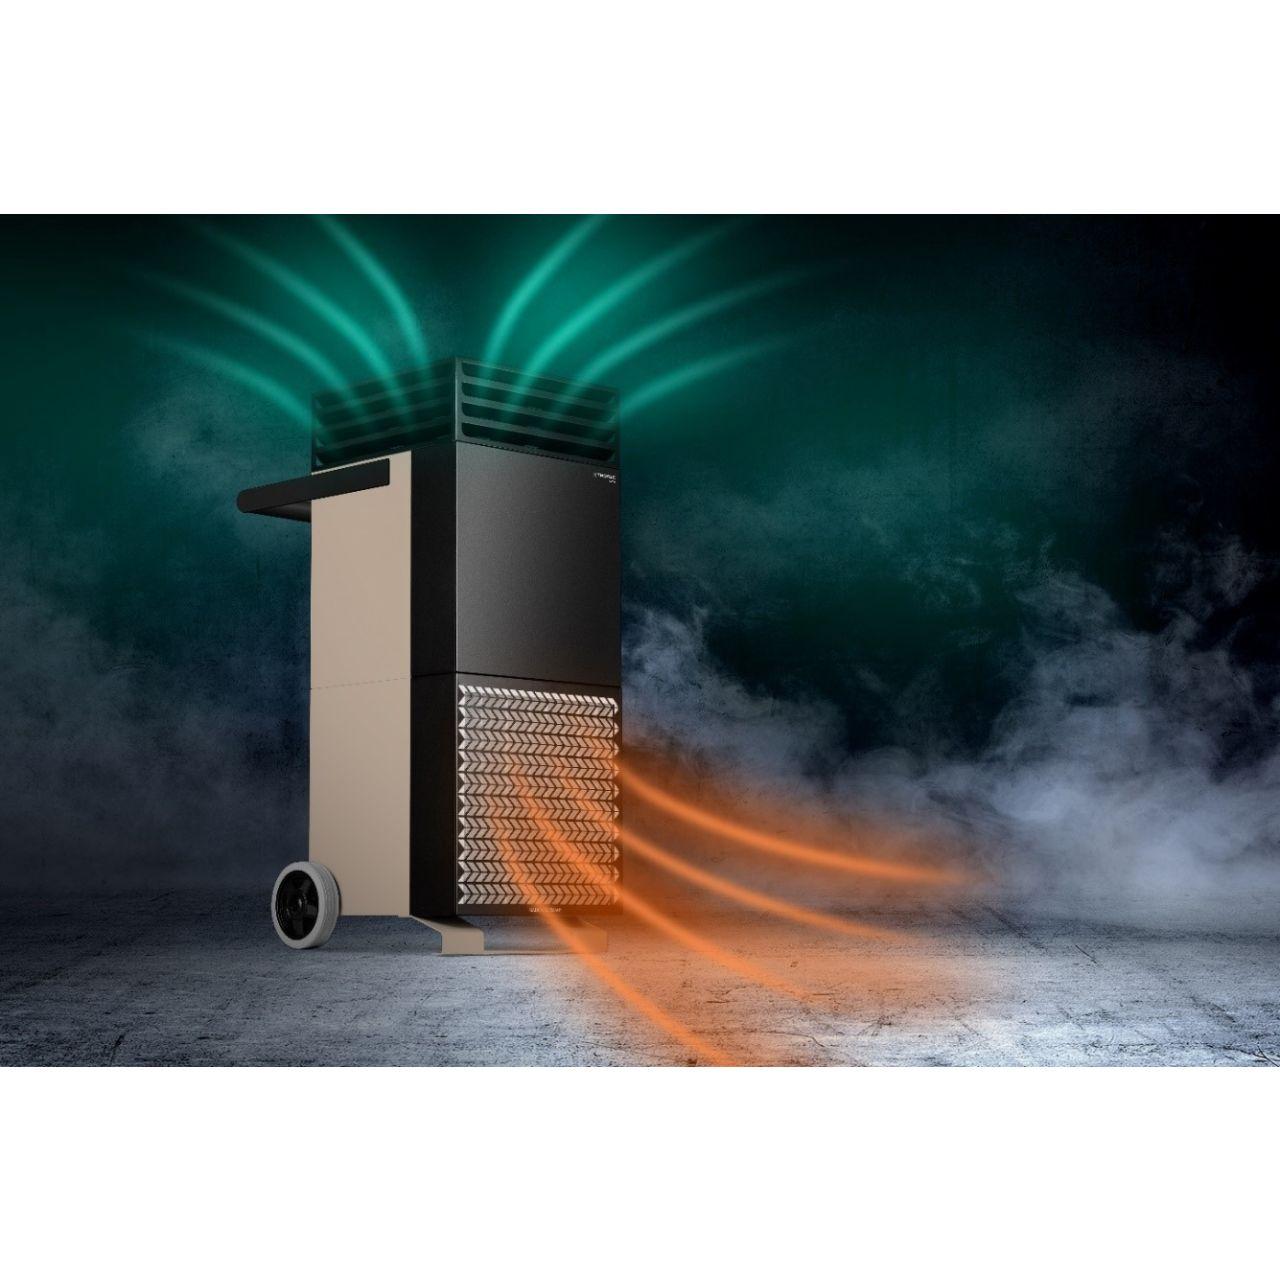 Hochleistungsluftreiniger: Nur ein Gerät bietet wirksamen Schutz vor Corona-Infektionen durch Aerosole